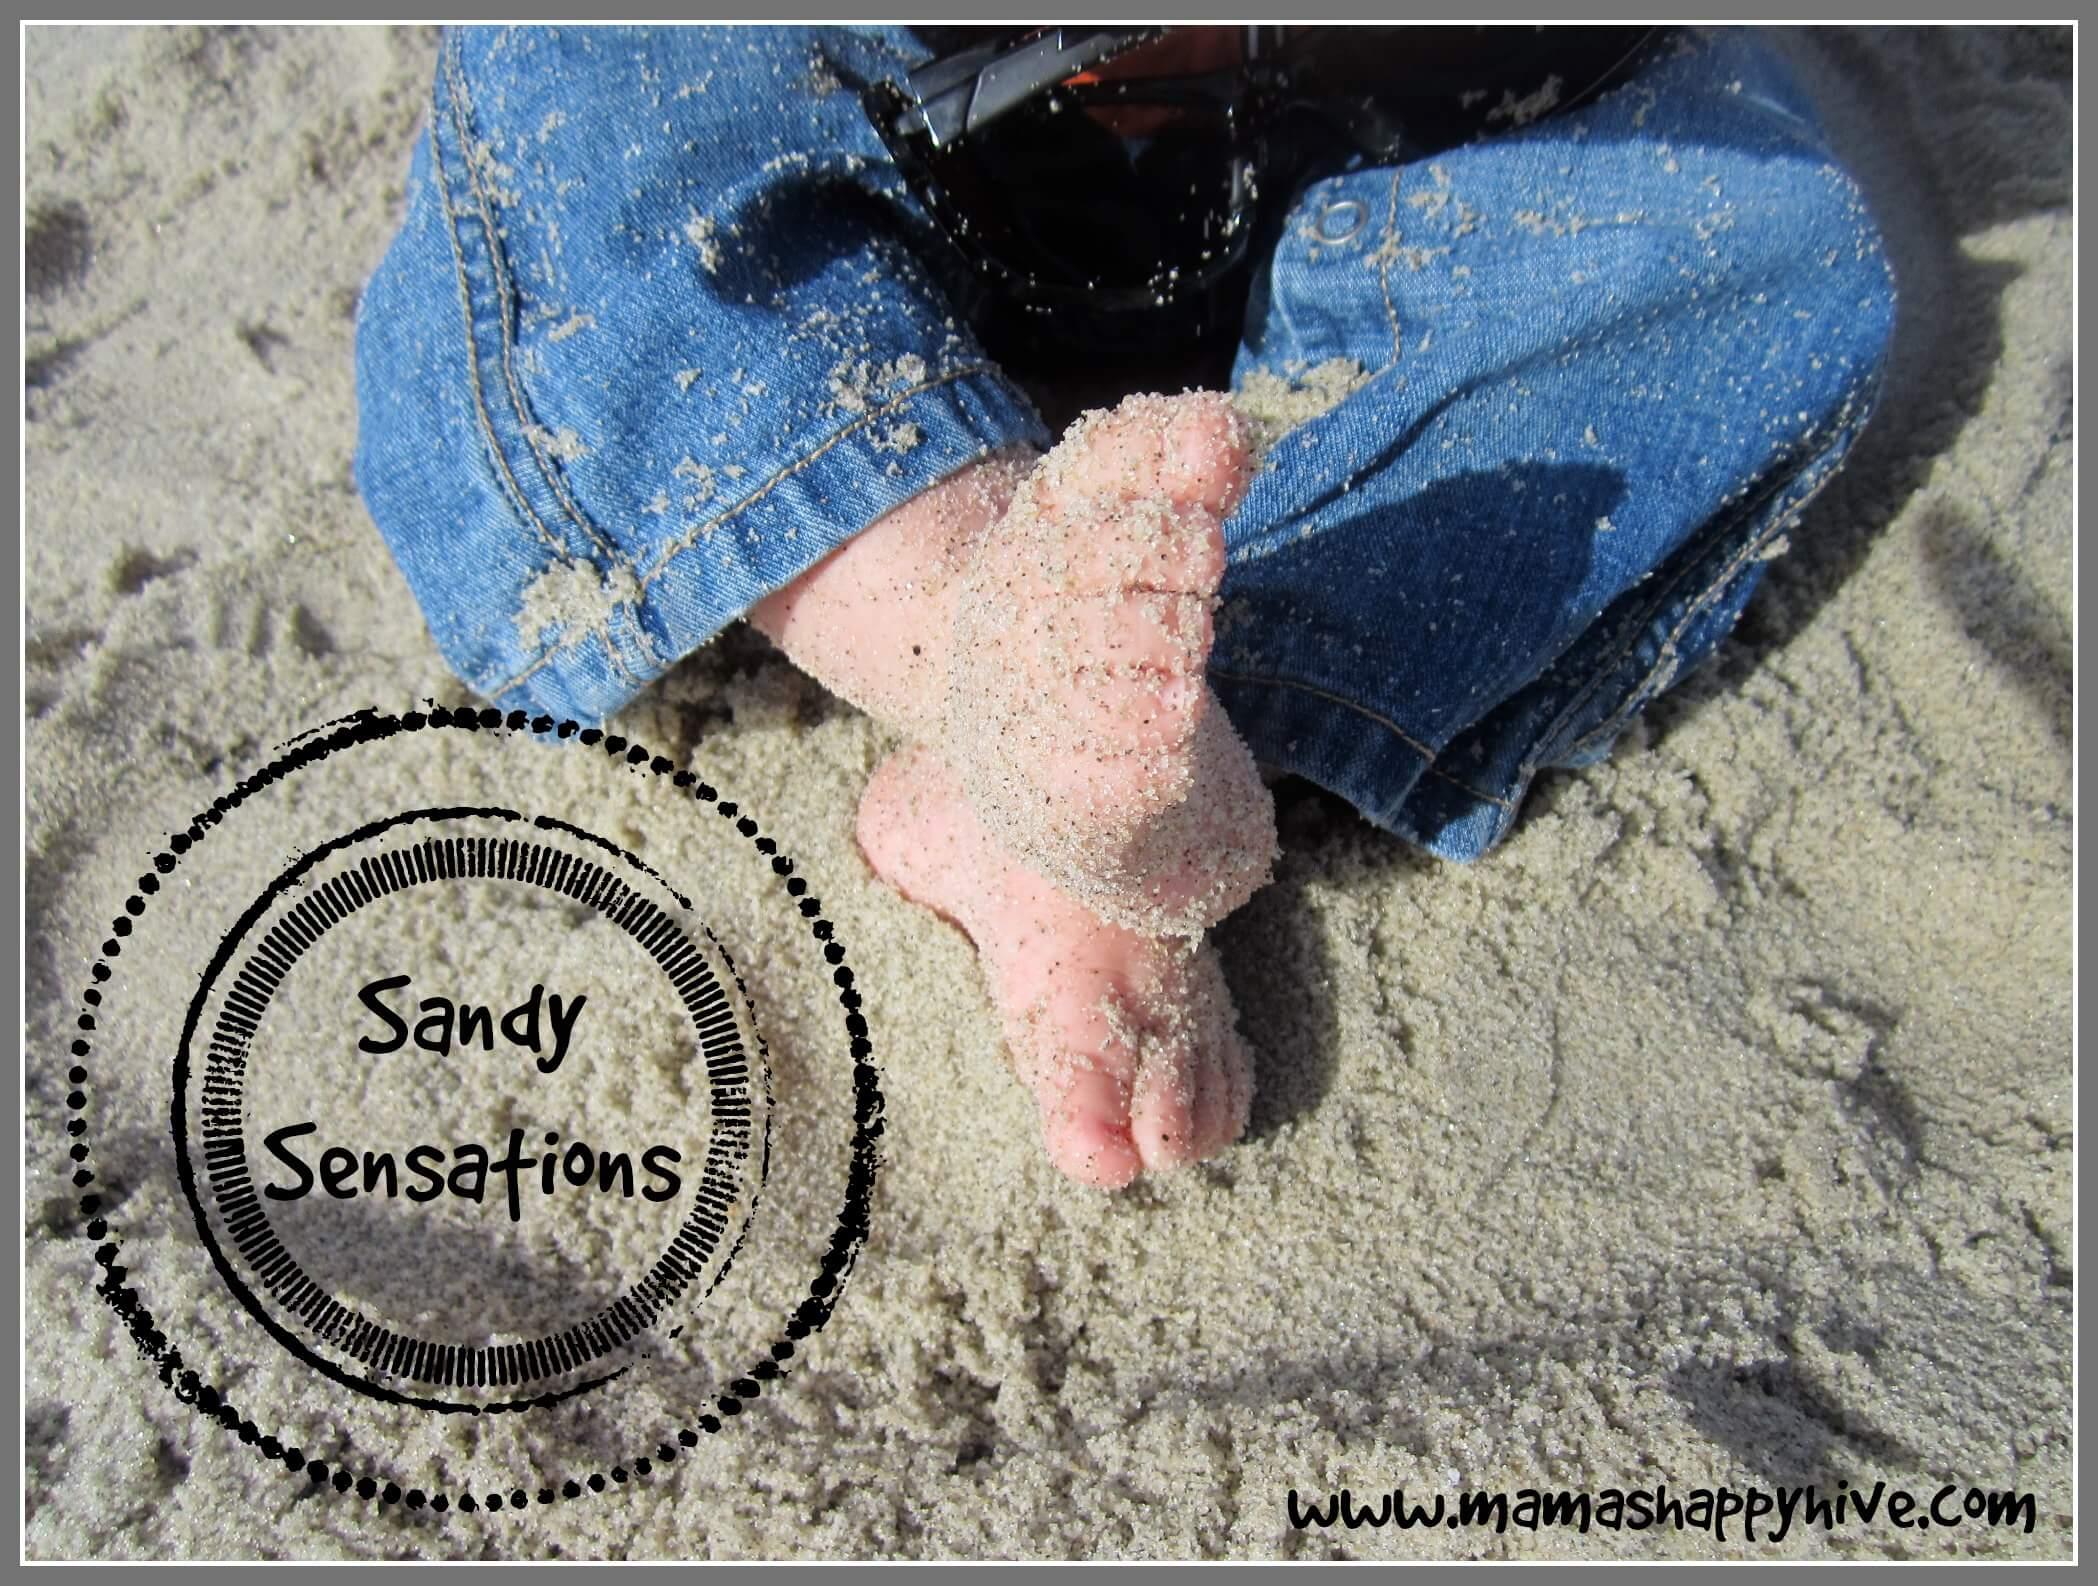 Sandy Sensations